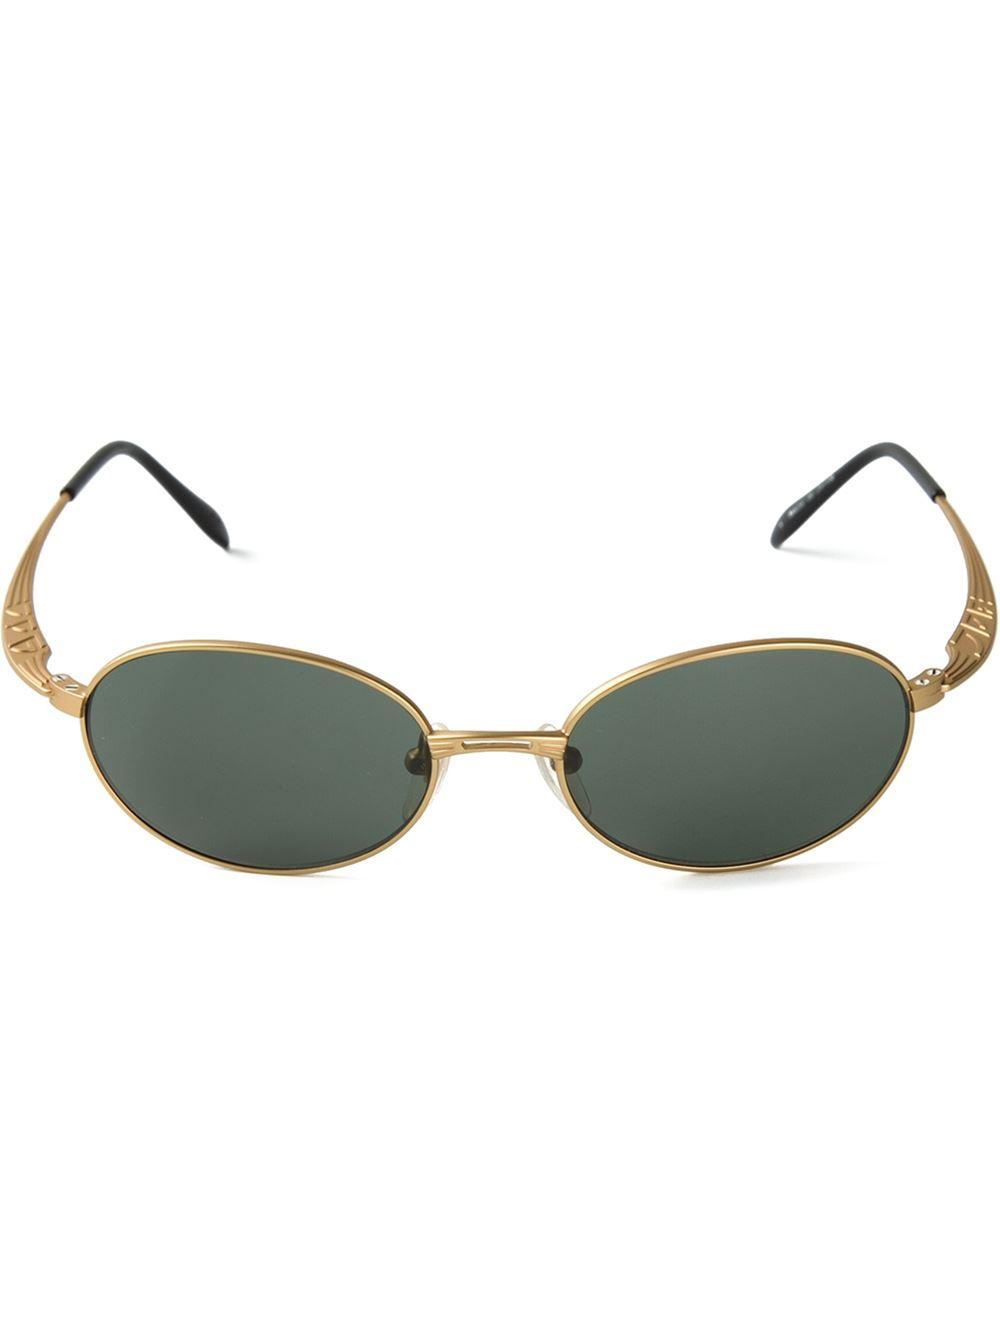 41df1cec79a Lyst - Jean Paul Gaultier Oval Frame Sunglasses in Green